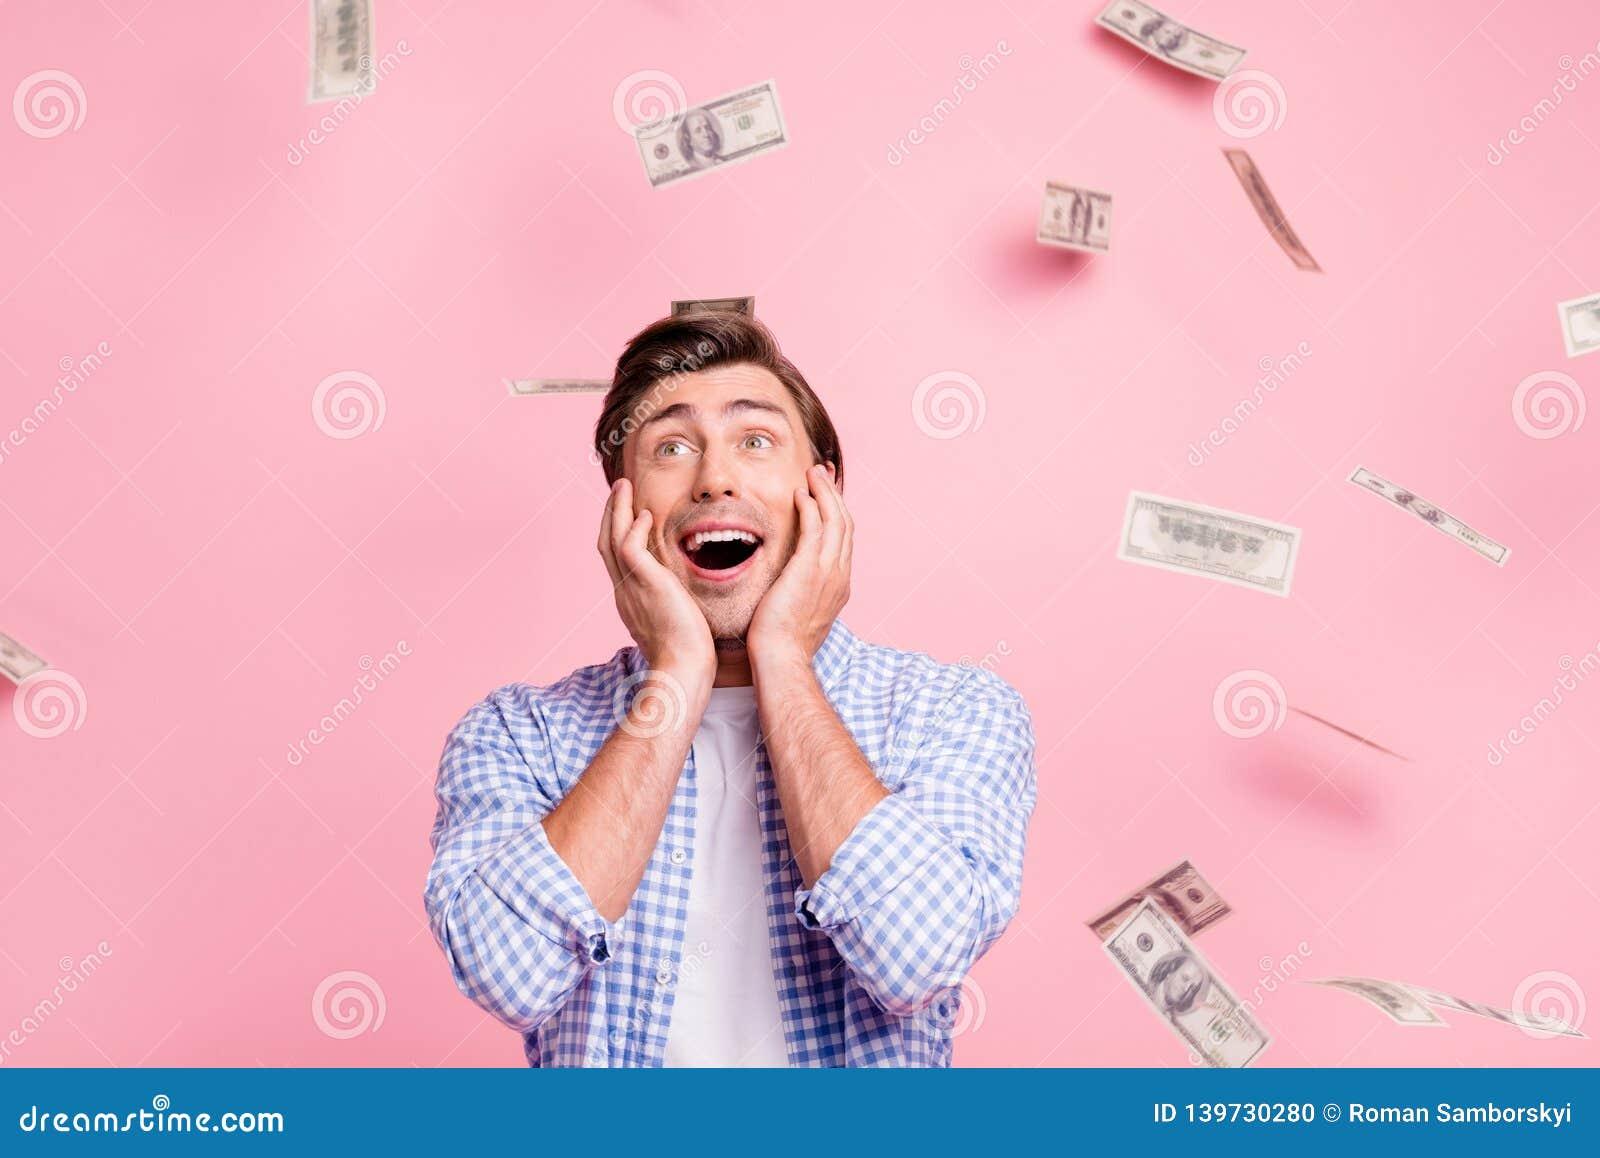 Πορτρέτο δικοί του αυτός συμπαθητικός χαριτωμένος αστείος ελκυστικός όμορφος εύθυμος χαρωπός τύπος που φορά τα ελεγχμένα χρήματα